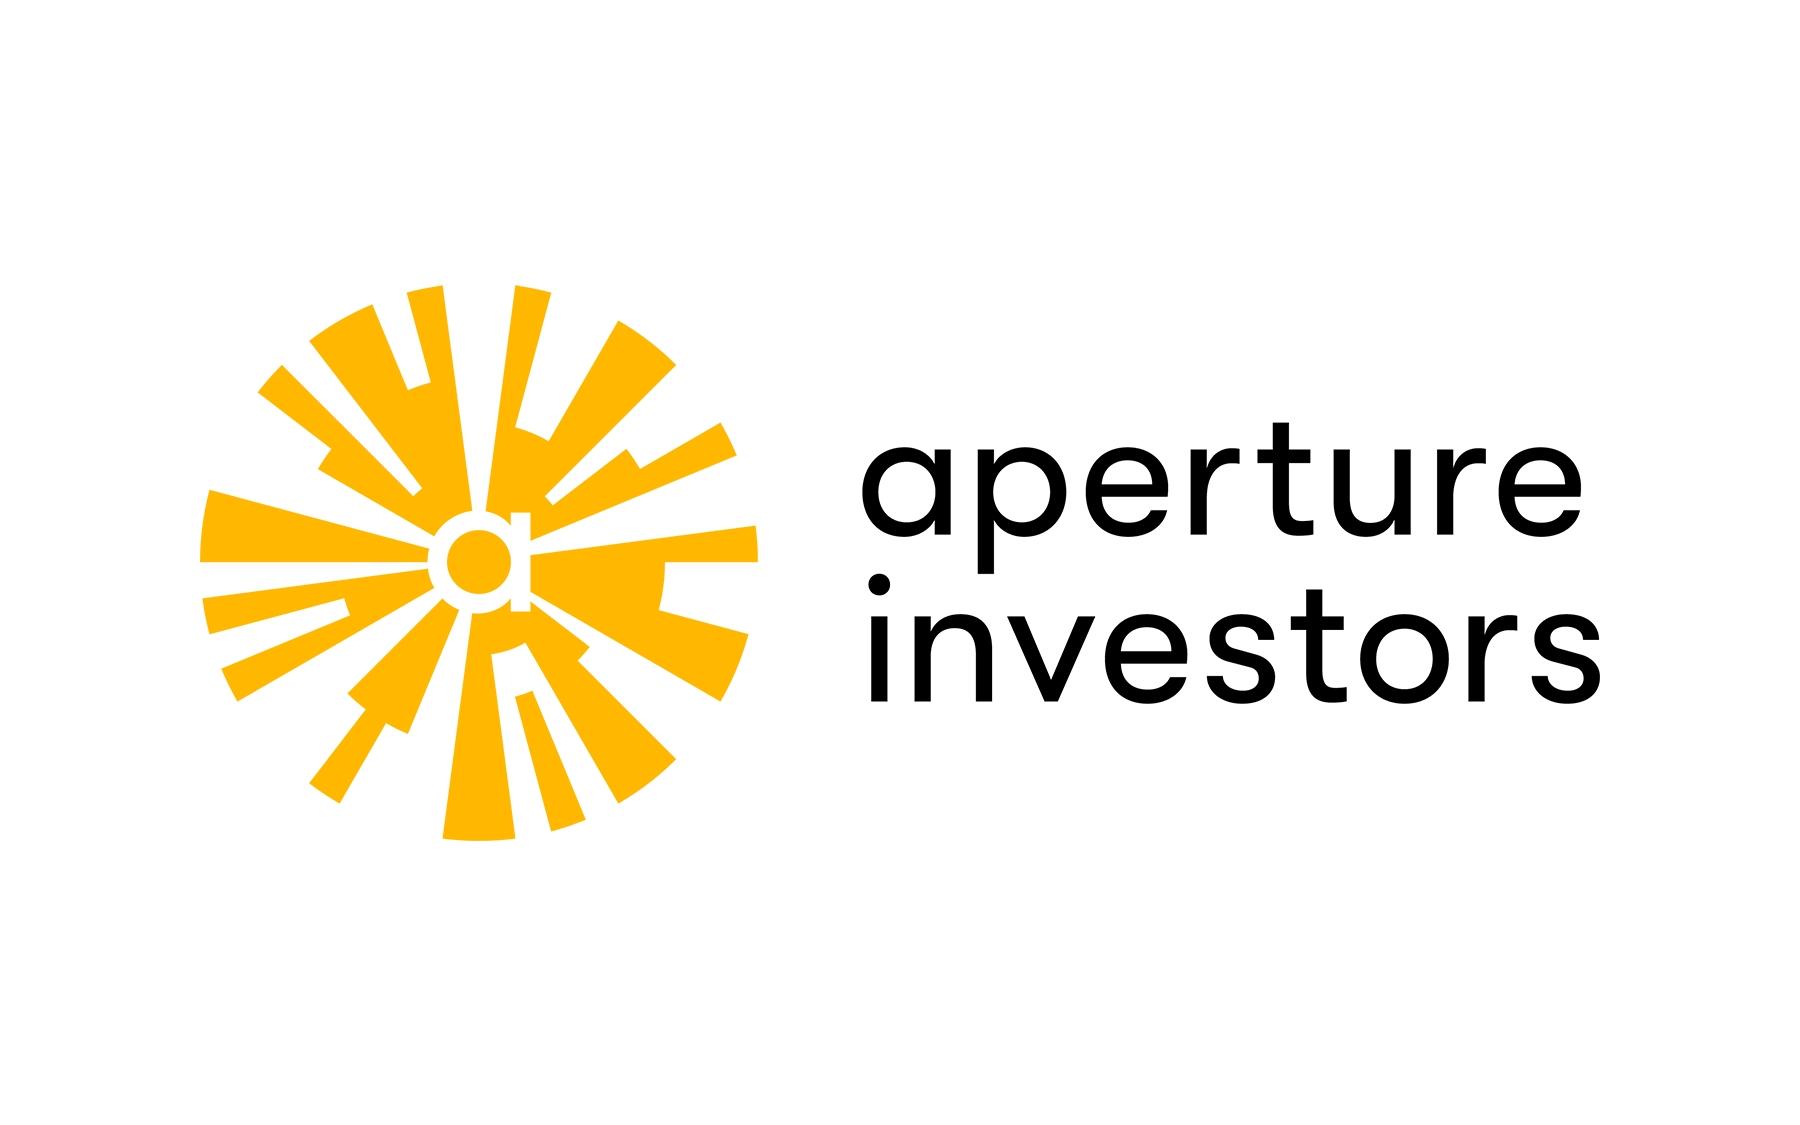 Aperture Investors HiRes